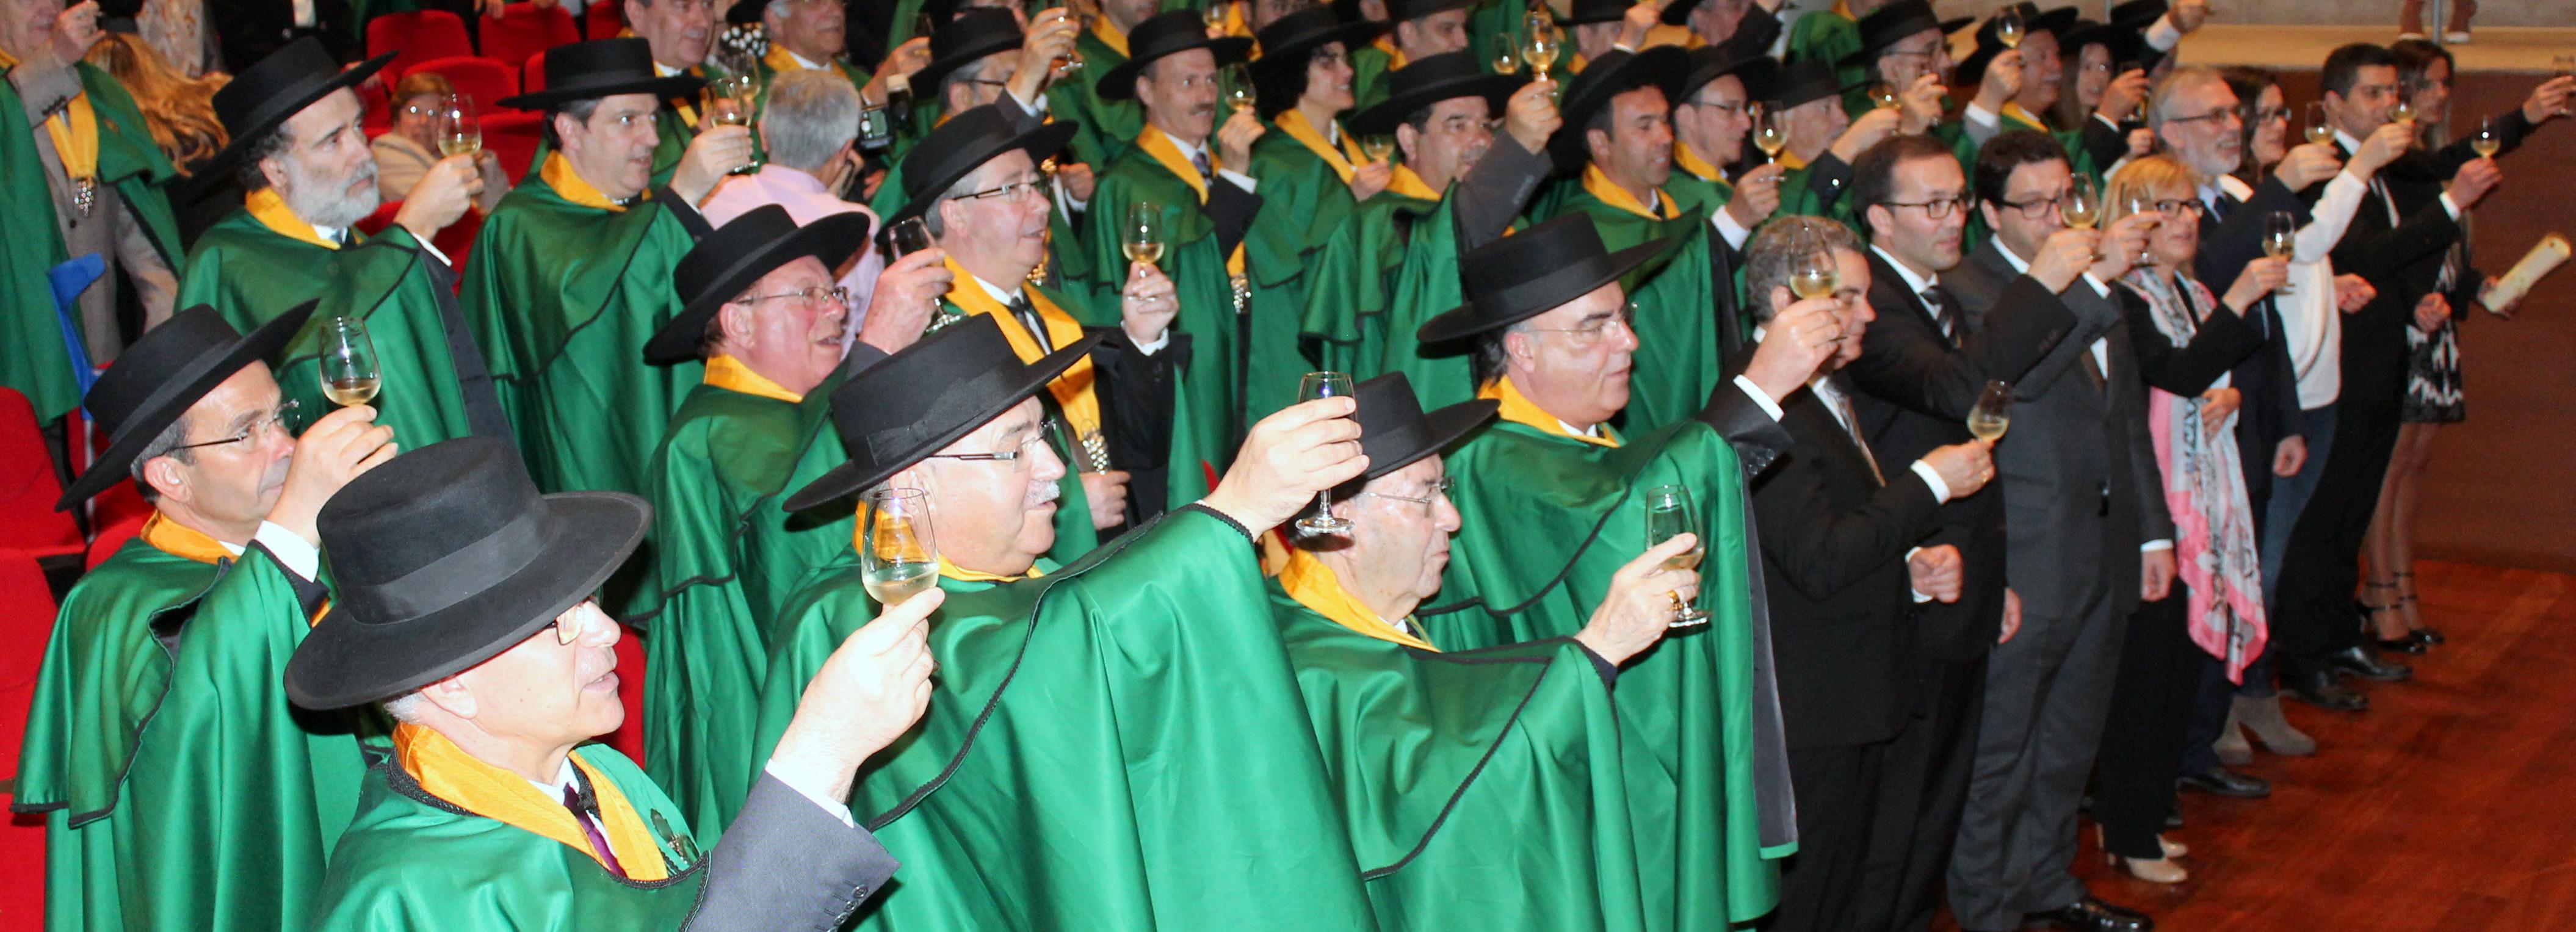 Município entronizado Confrade Honorário com o título de Mecenas na Confraria do Vinho Verde